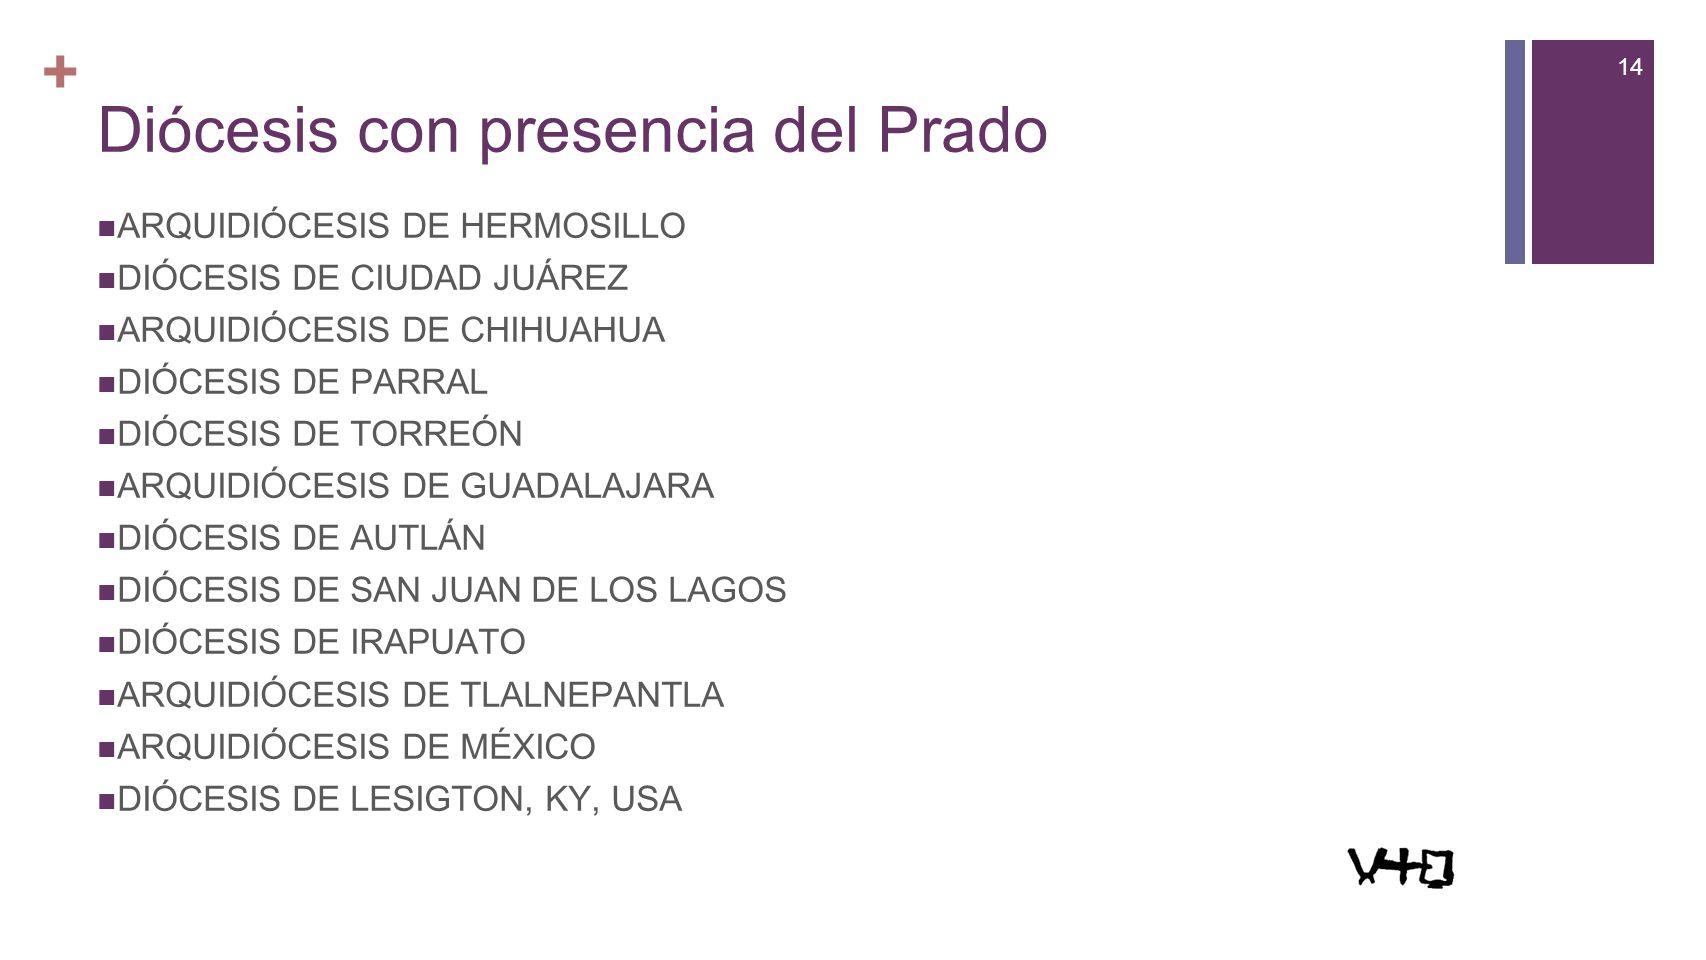 14 + Diócesis con presencia del Prado ARQUIDIÓCESIS DE HERMOSILLO DIÓCESIS DE CIUDAD JUÁREZ ARQUIDIÓCESIS DE CHIHUAHUA DIÓCESIS DE PARRAL DIÓCESIS DE TORREÓN ARQUIDIÓCESIS DE GUADALAJARA DIÓCESIS DE AUTLÁN DIÓCESIS DE SAN JUAN DE LOS LAGOS DIÓCESIS DE IRAPUATO ARQUIDIÓCESIS DE TLALNEPANTLA ARQUIDIÓCESIS DE MÉXICO DIÓCESIS DE LESIGTON, KY, USA